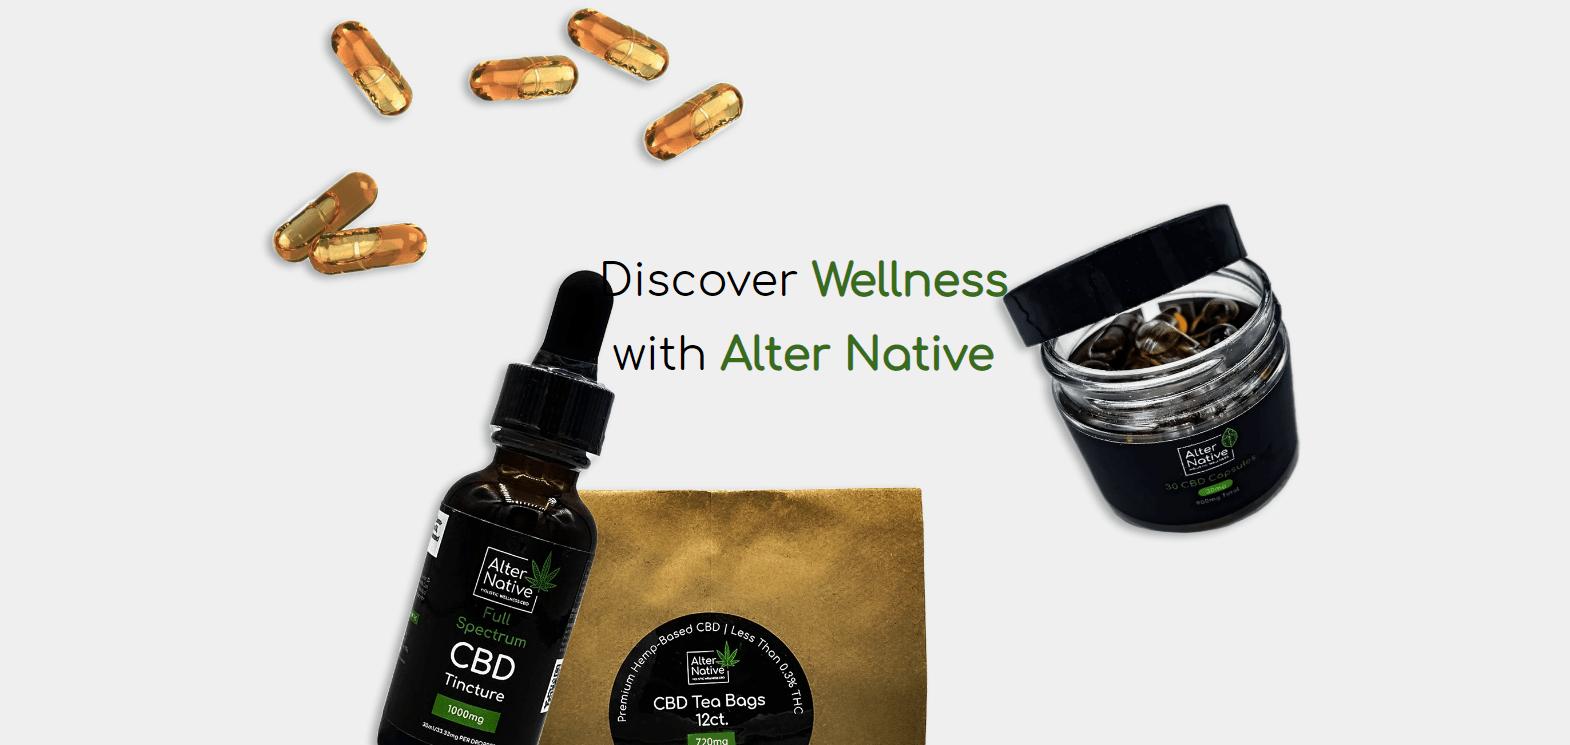 AlterNative CBD Coupons Discover Wellness